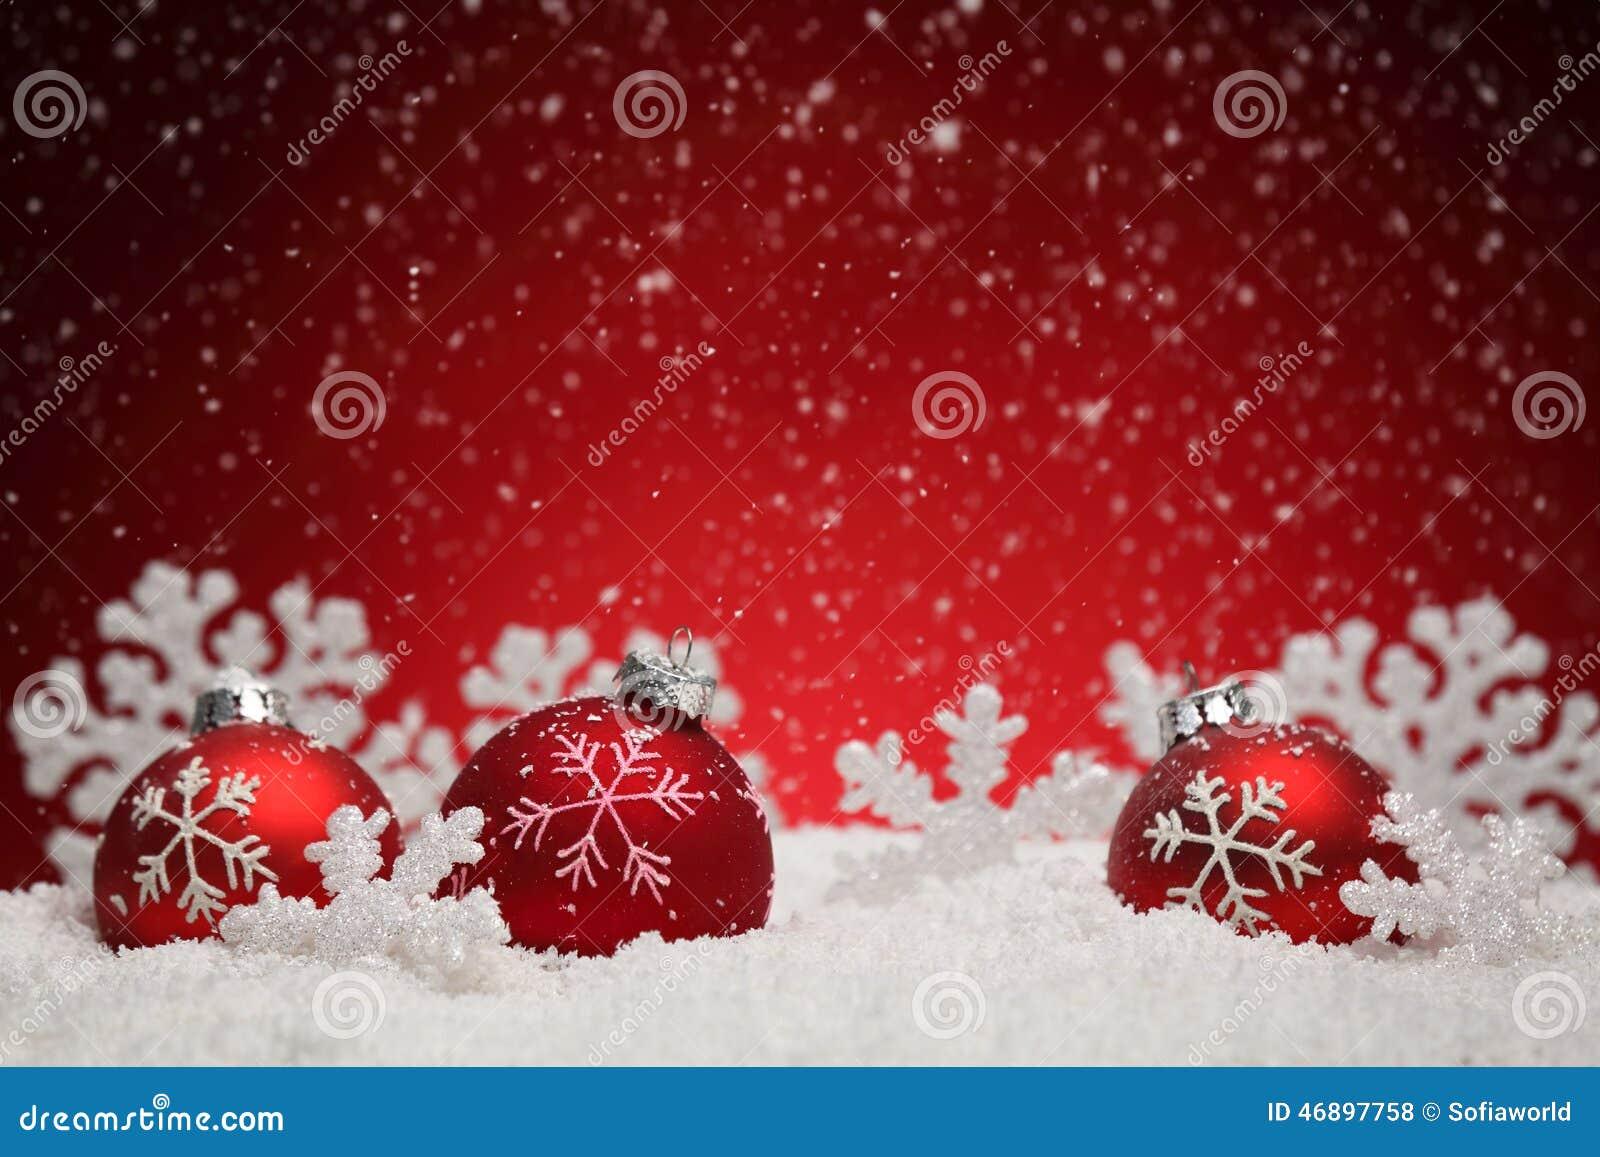 Deocoration di Natale